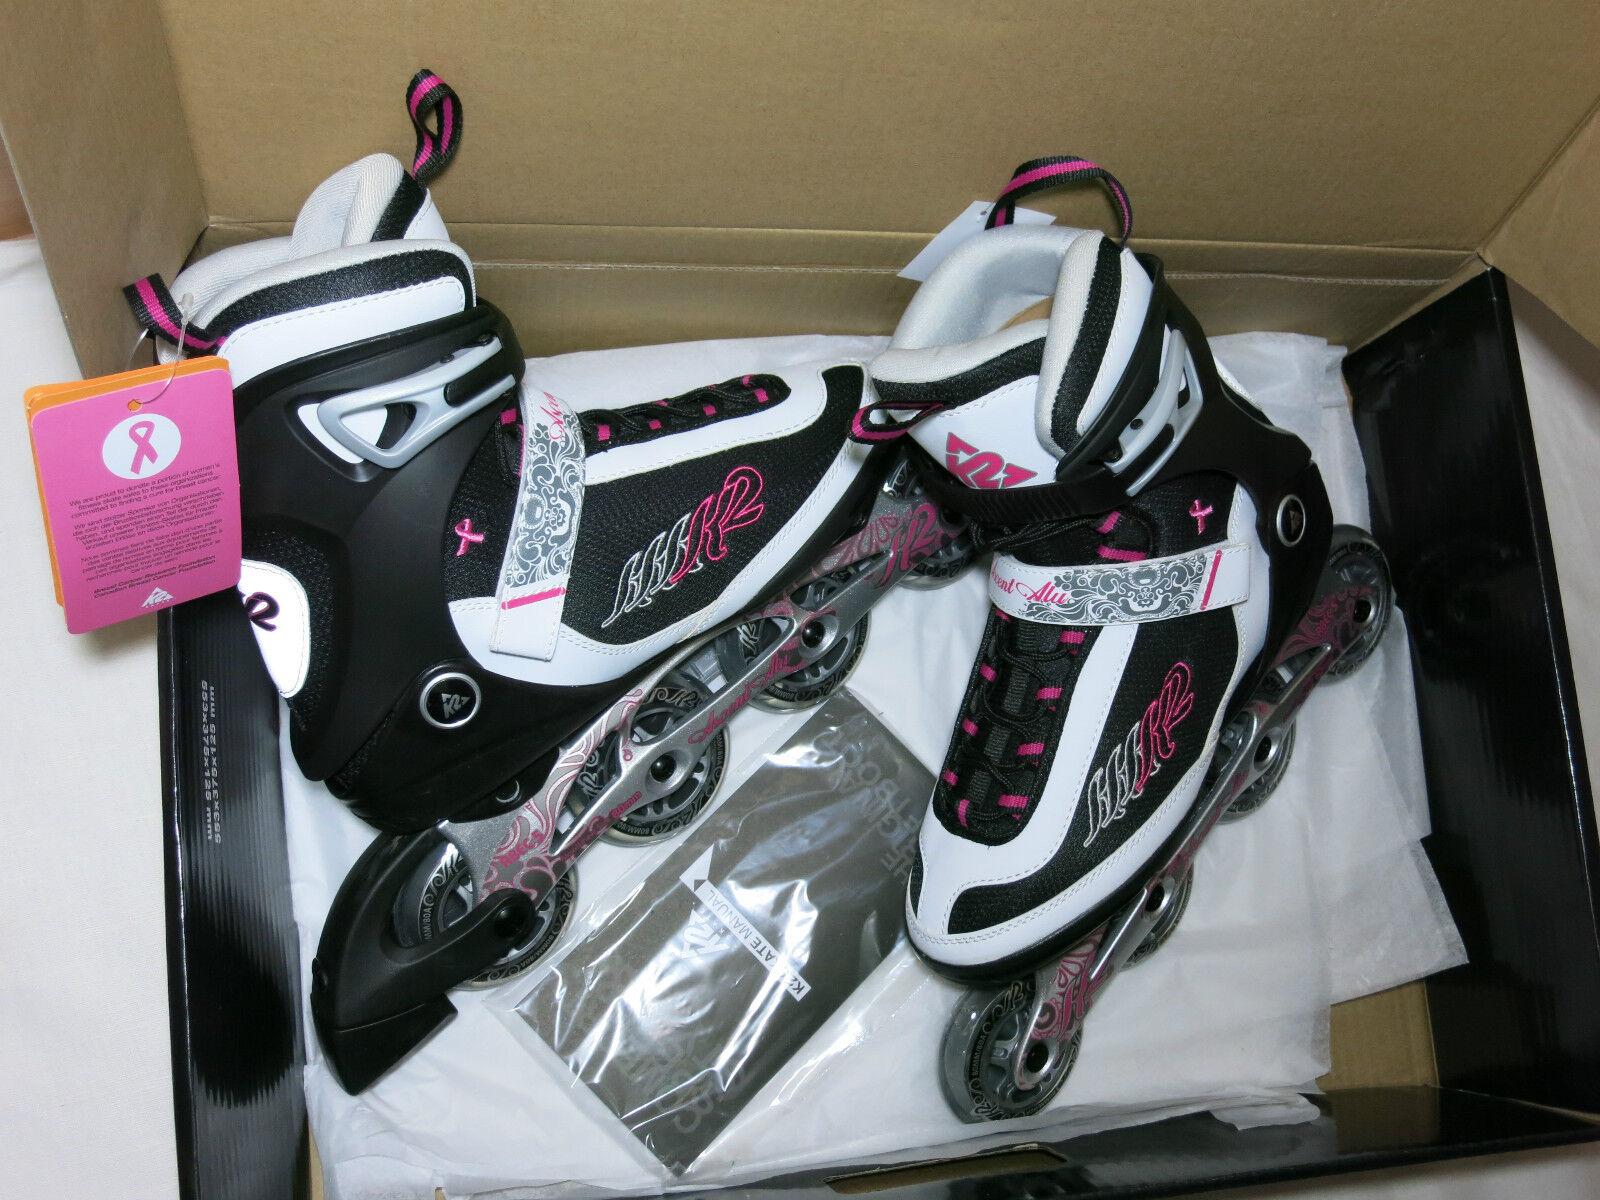 TOP NEU K2 ASCENT ALU Gr. Inliner 40 Inliner Gr. Skates Inlineskates NEU  149,95 28f328